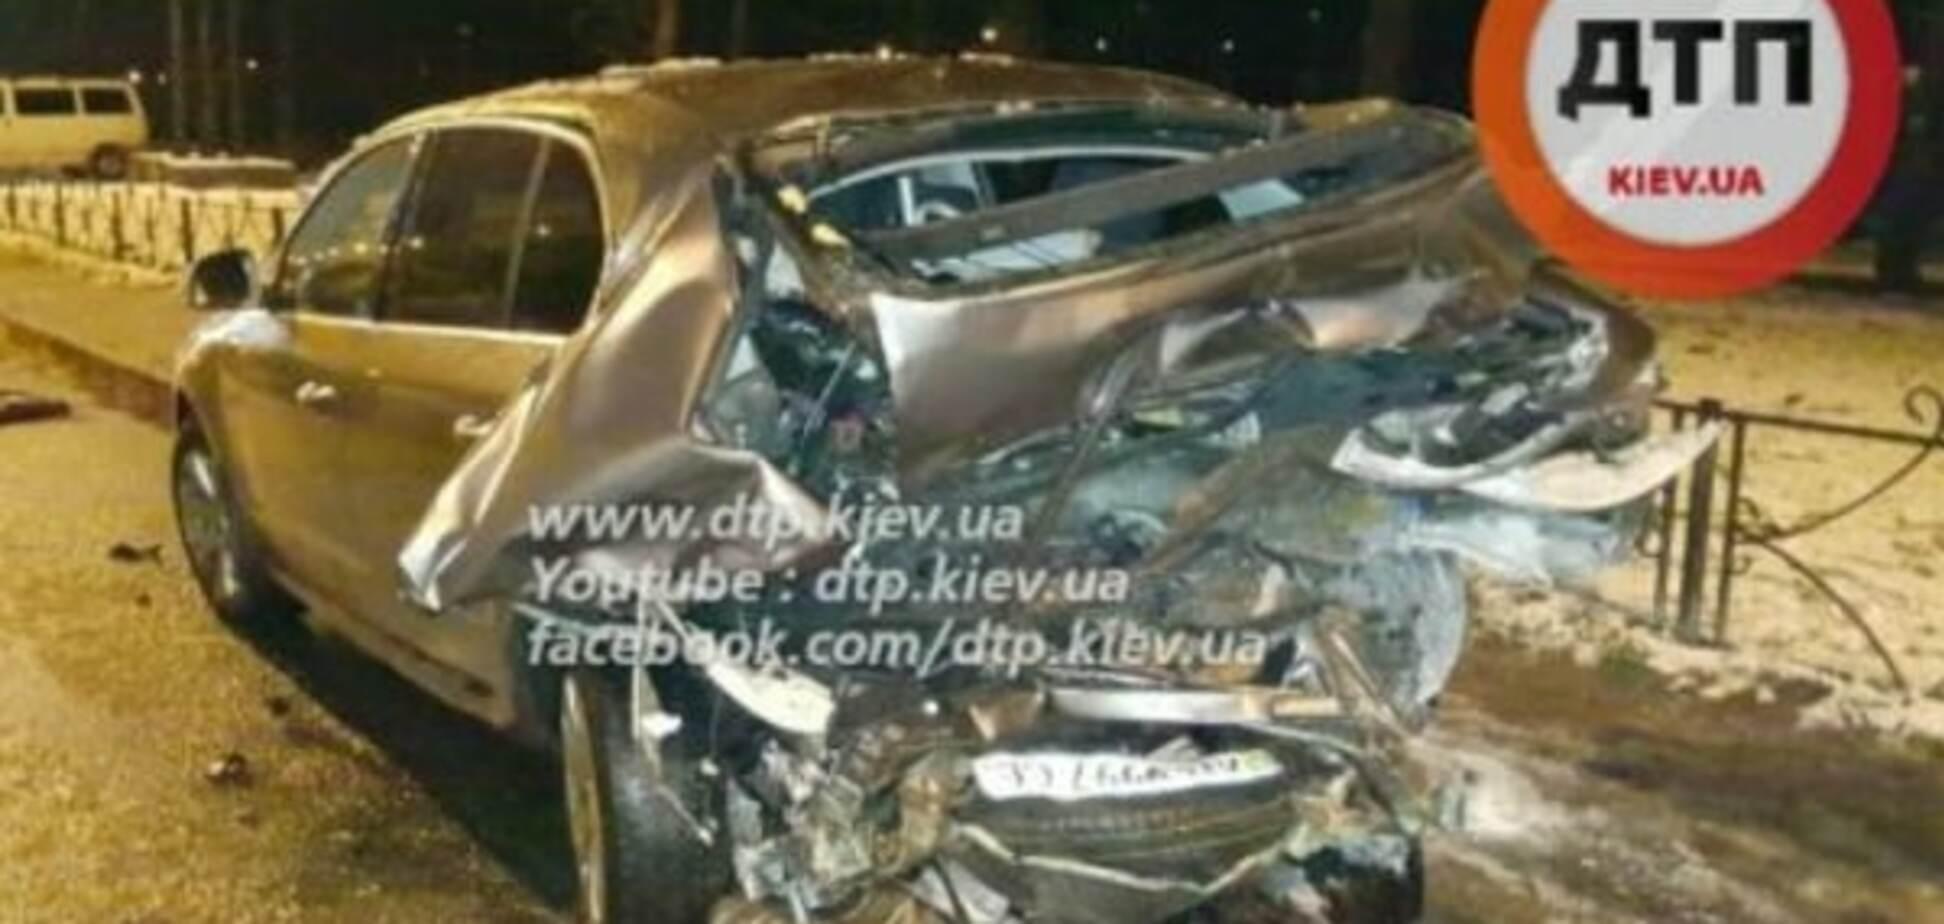 У Києві водій на BMW розбив припаркований автомобіль